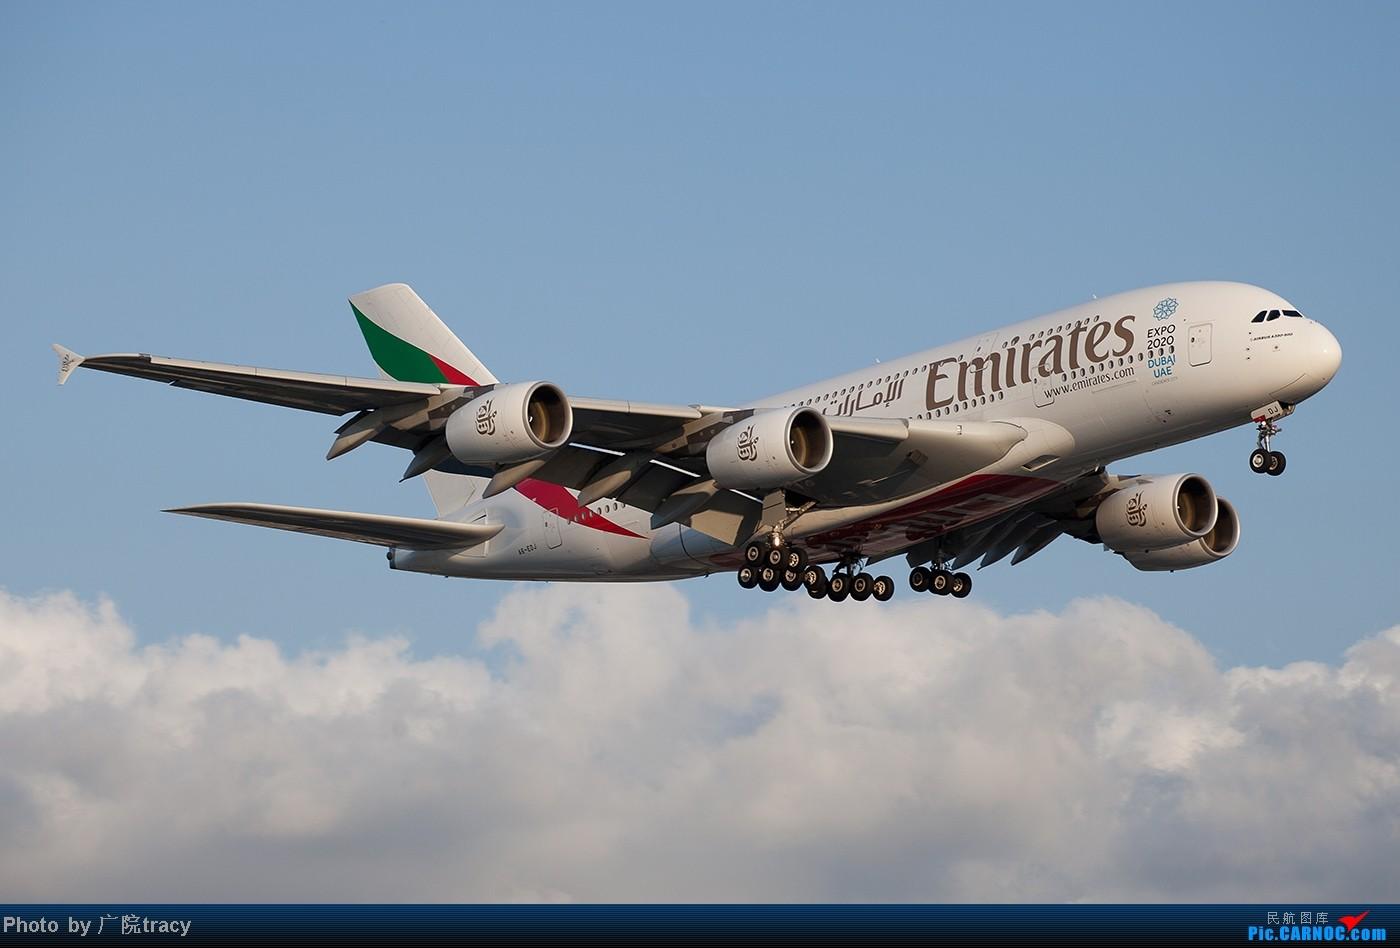 [原创]★ ★ ★ ★ ★中东的航空公司在伦敦希斯罗国际机场  ★ ★ ★ ★ ★ AIRBUS A380 A6-EDJ